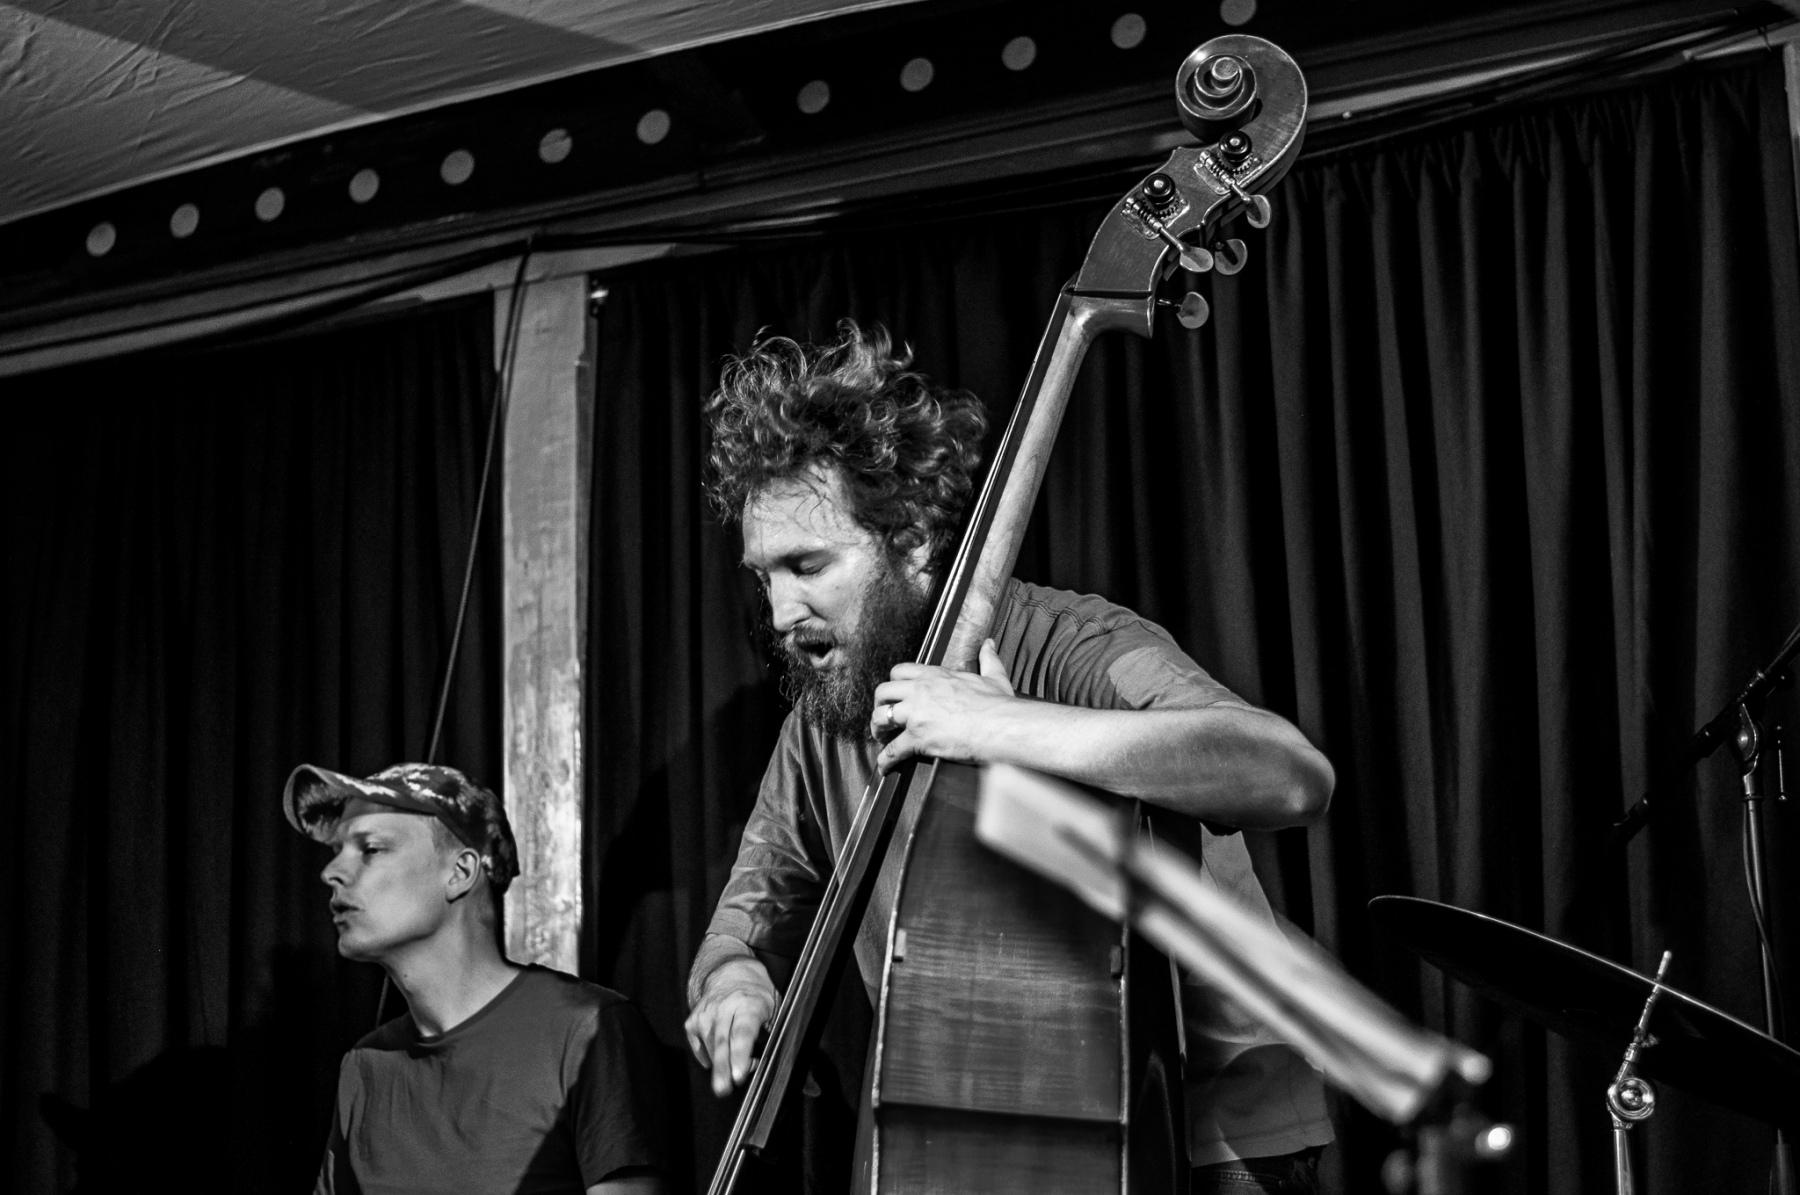 I-Think-Youre-Awesome-Jens-Mikkel-Jazzfestival-2019